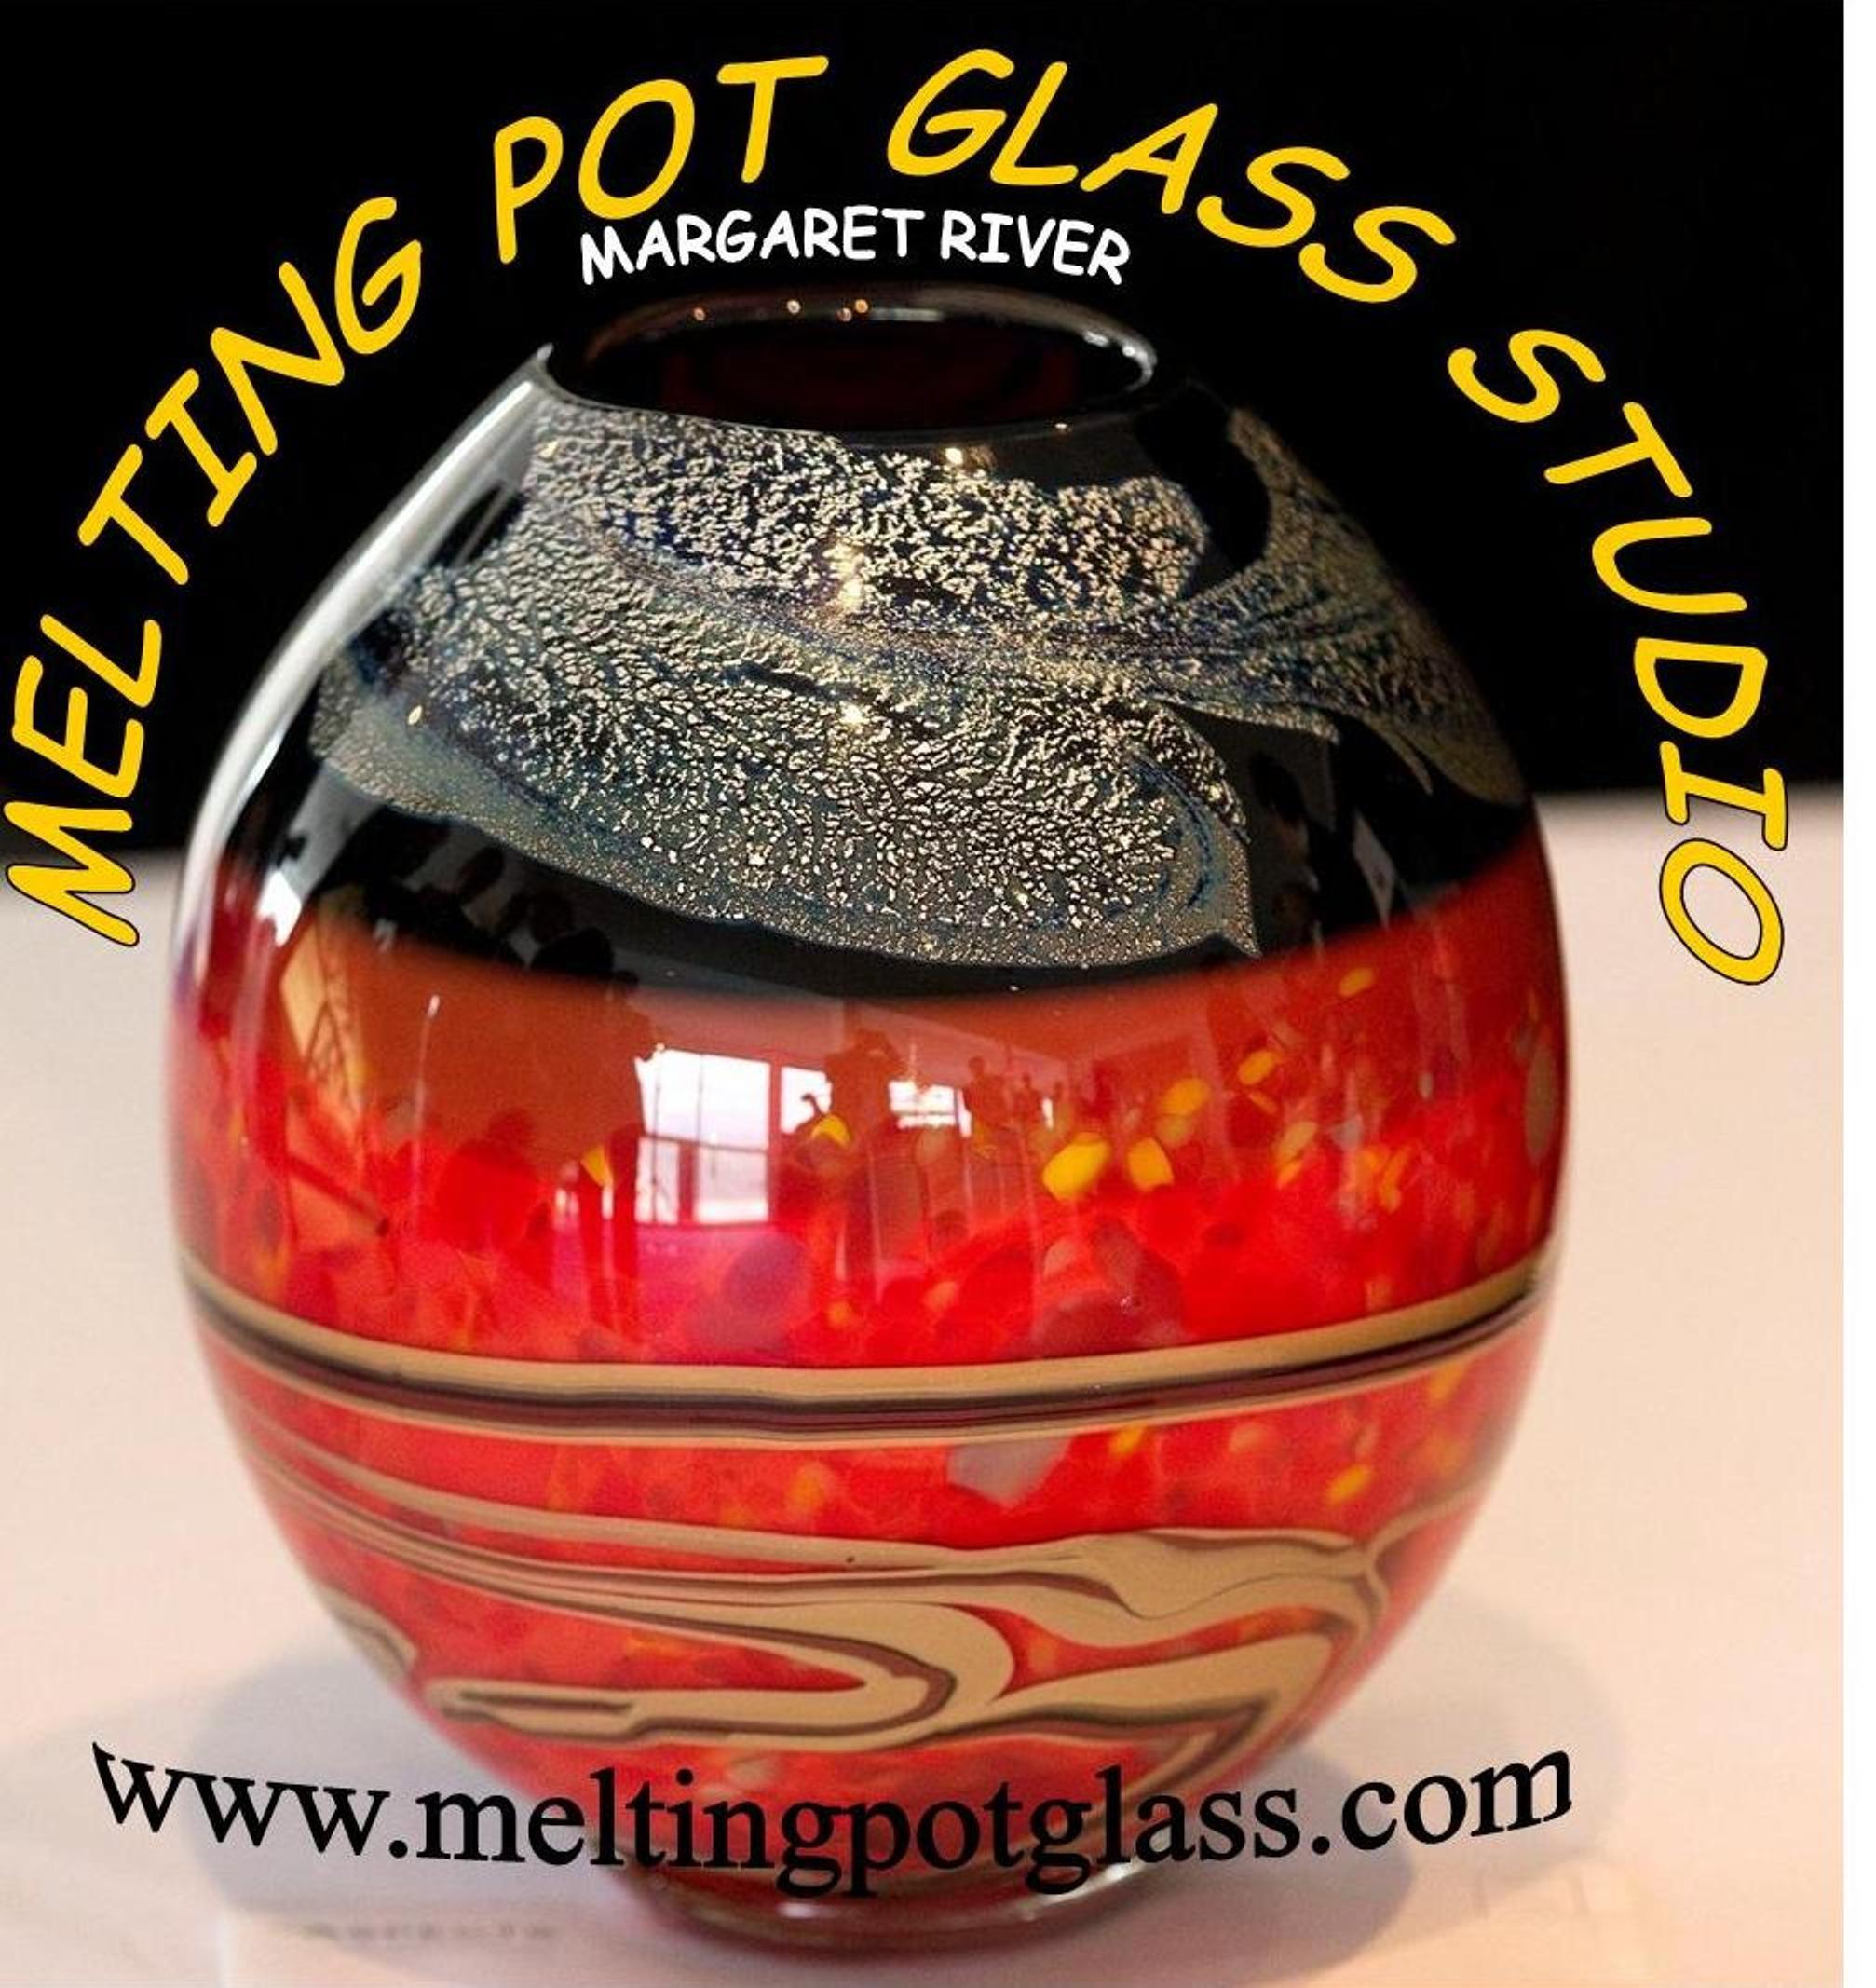 Melting Pot Glass Studio logo.jpg